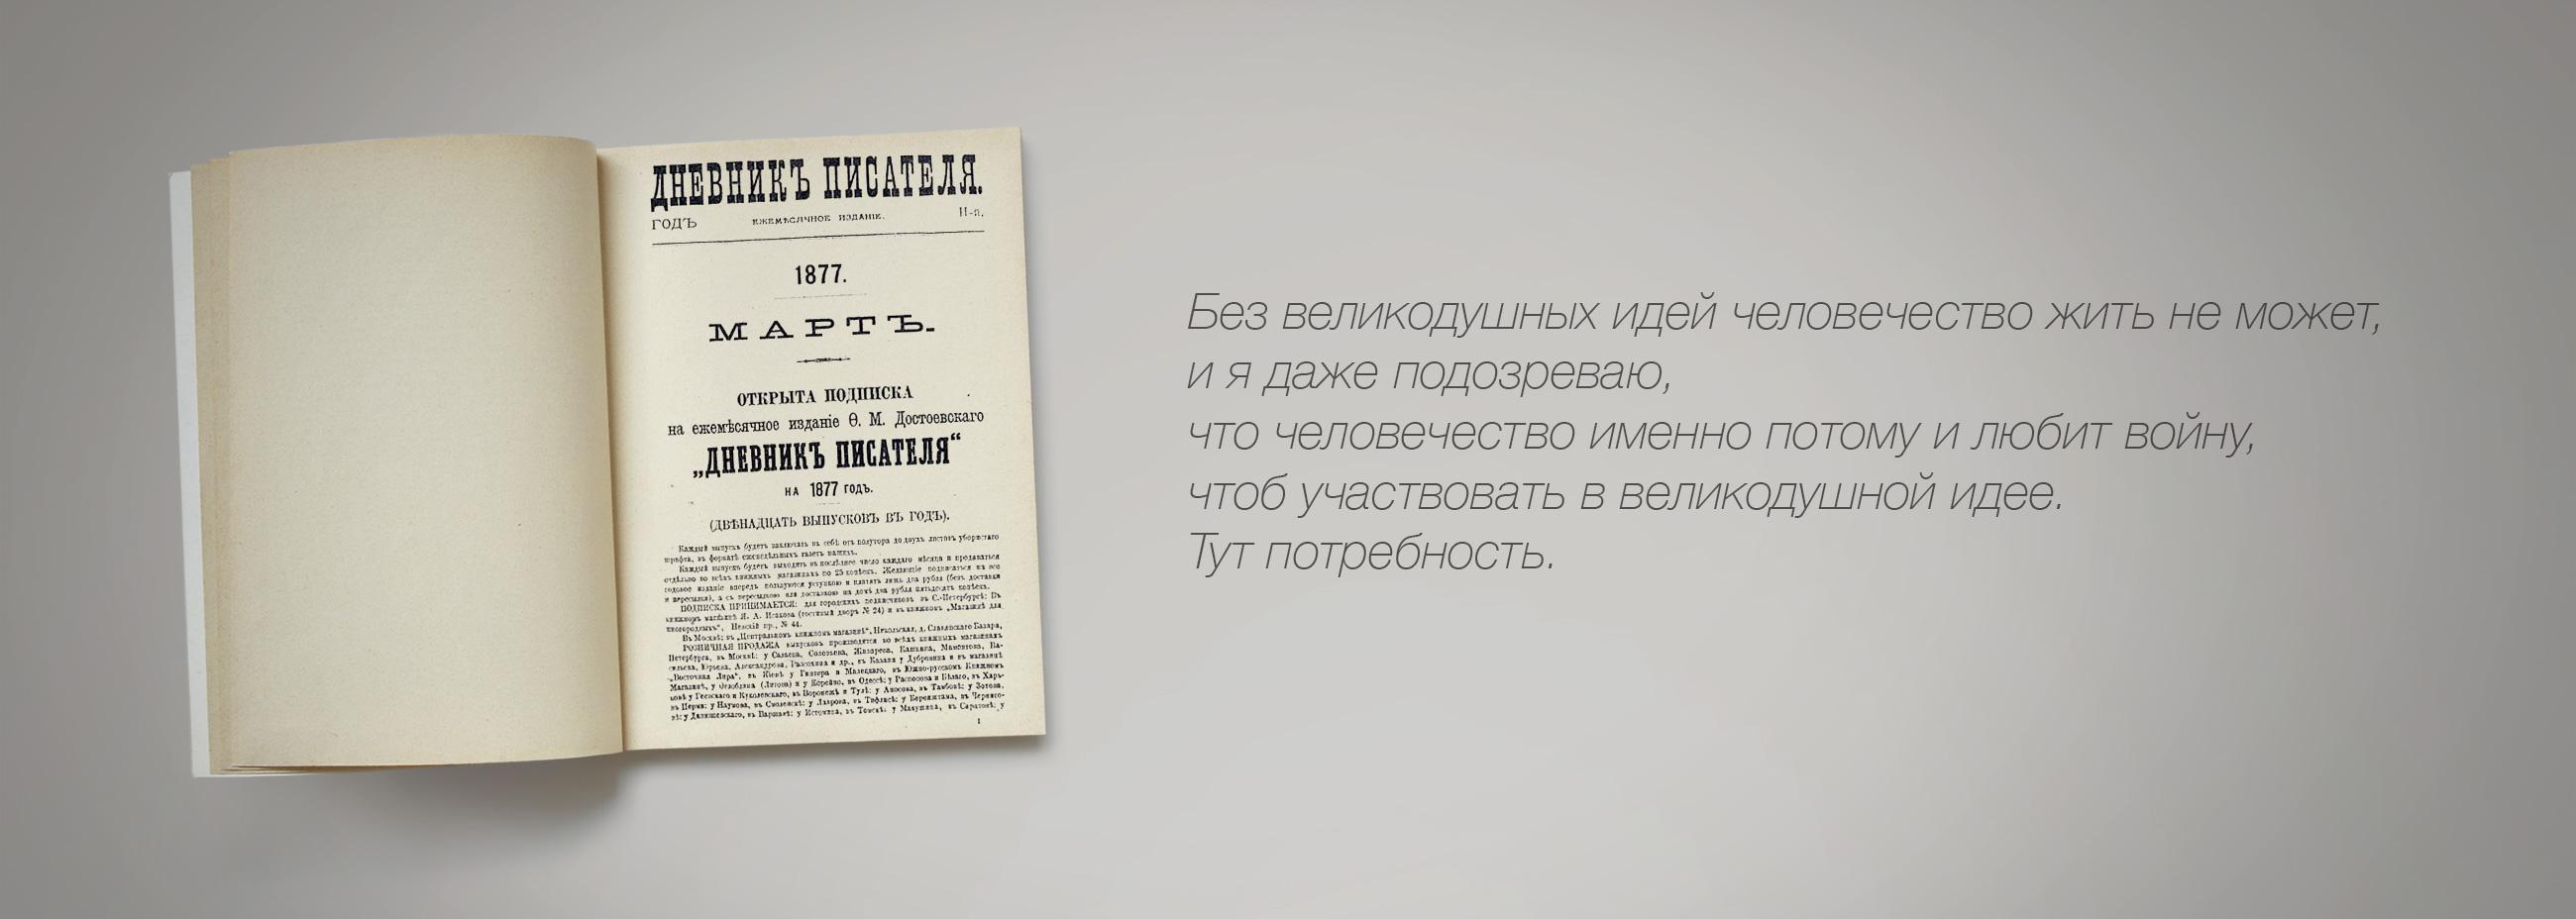 Фёдор Достоевский «Дневник писателя»